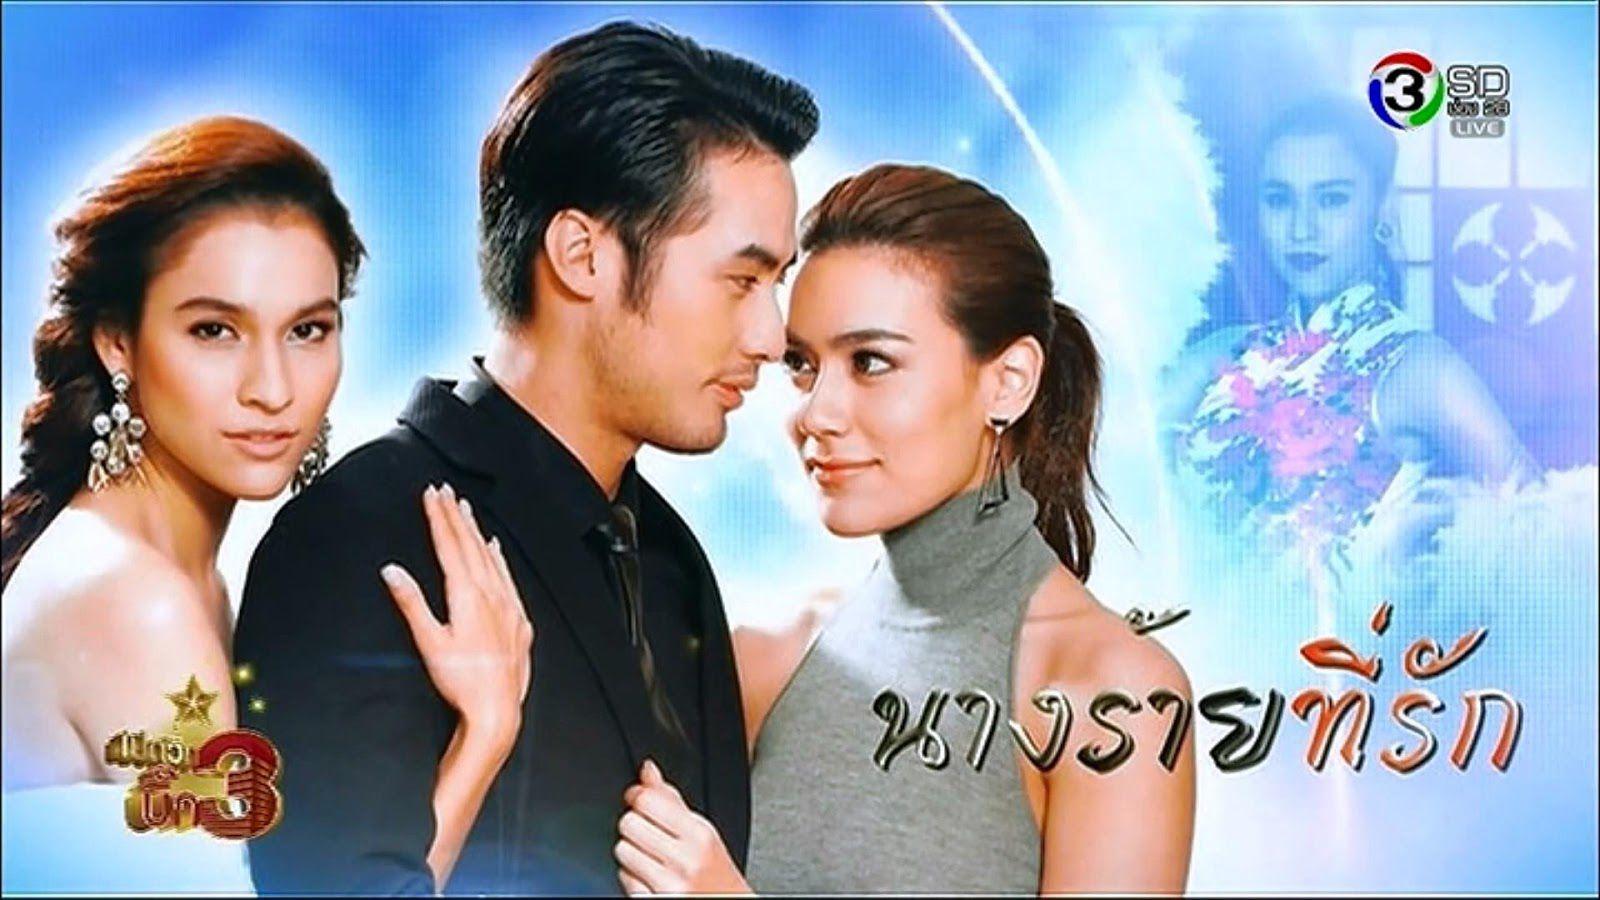 Tổng hợp những bộ phim Thái Lan chuyển thể từ tiểu thuyết kinh điển (6)